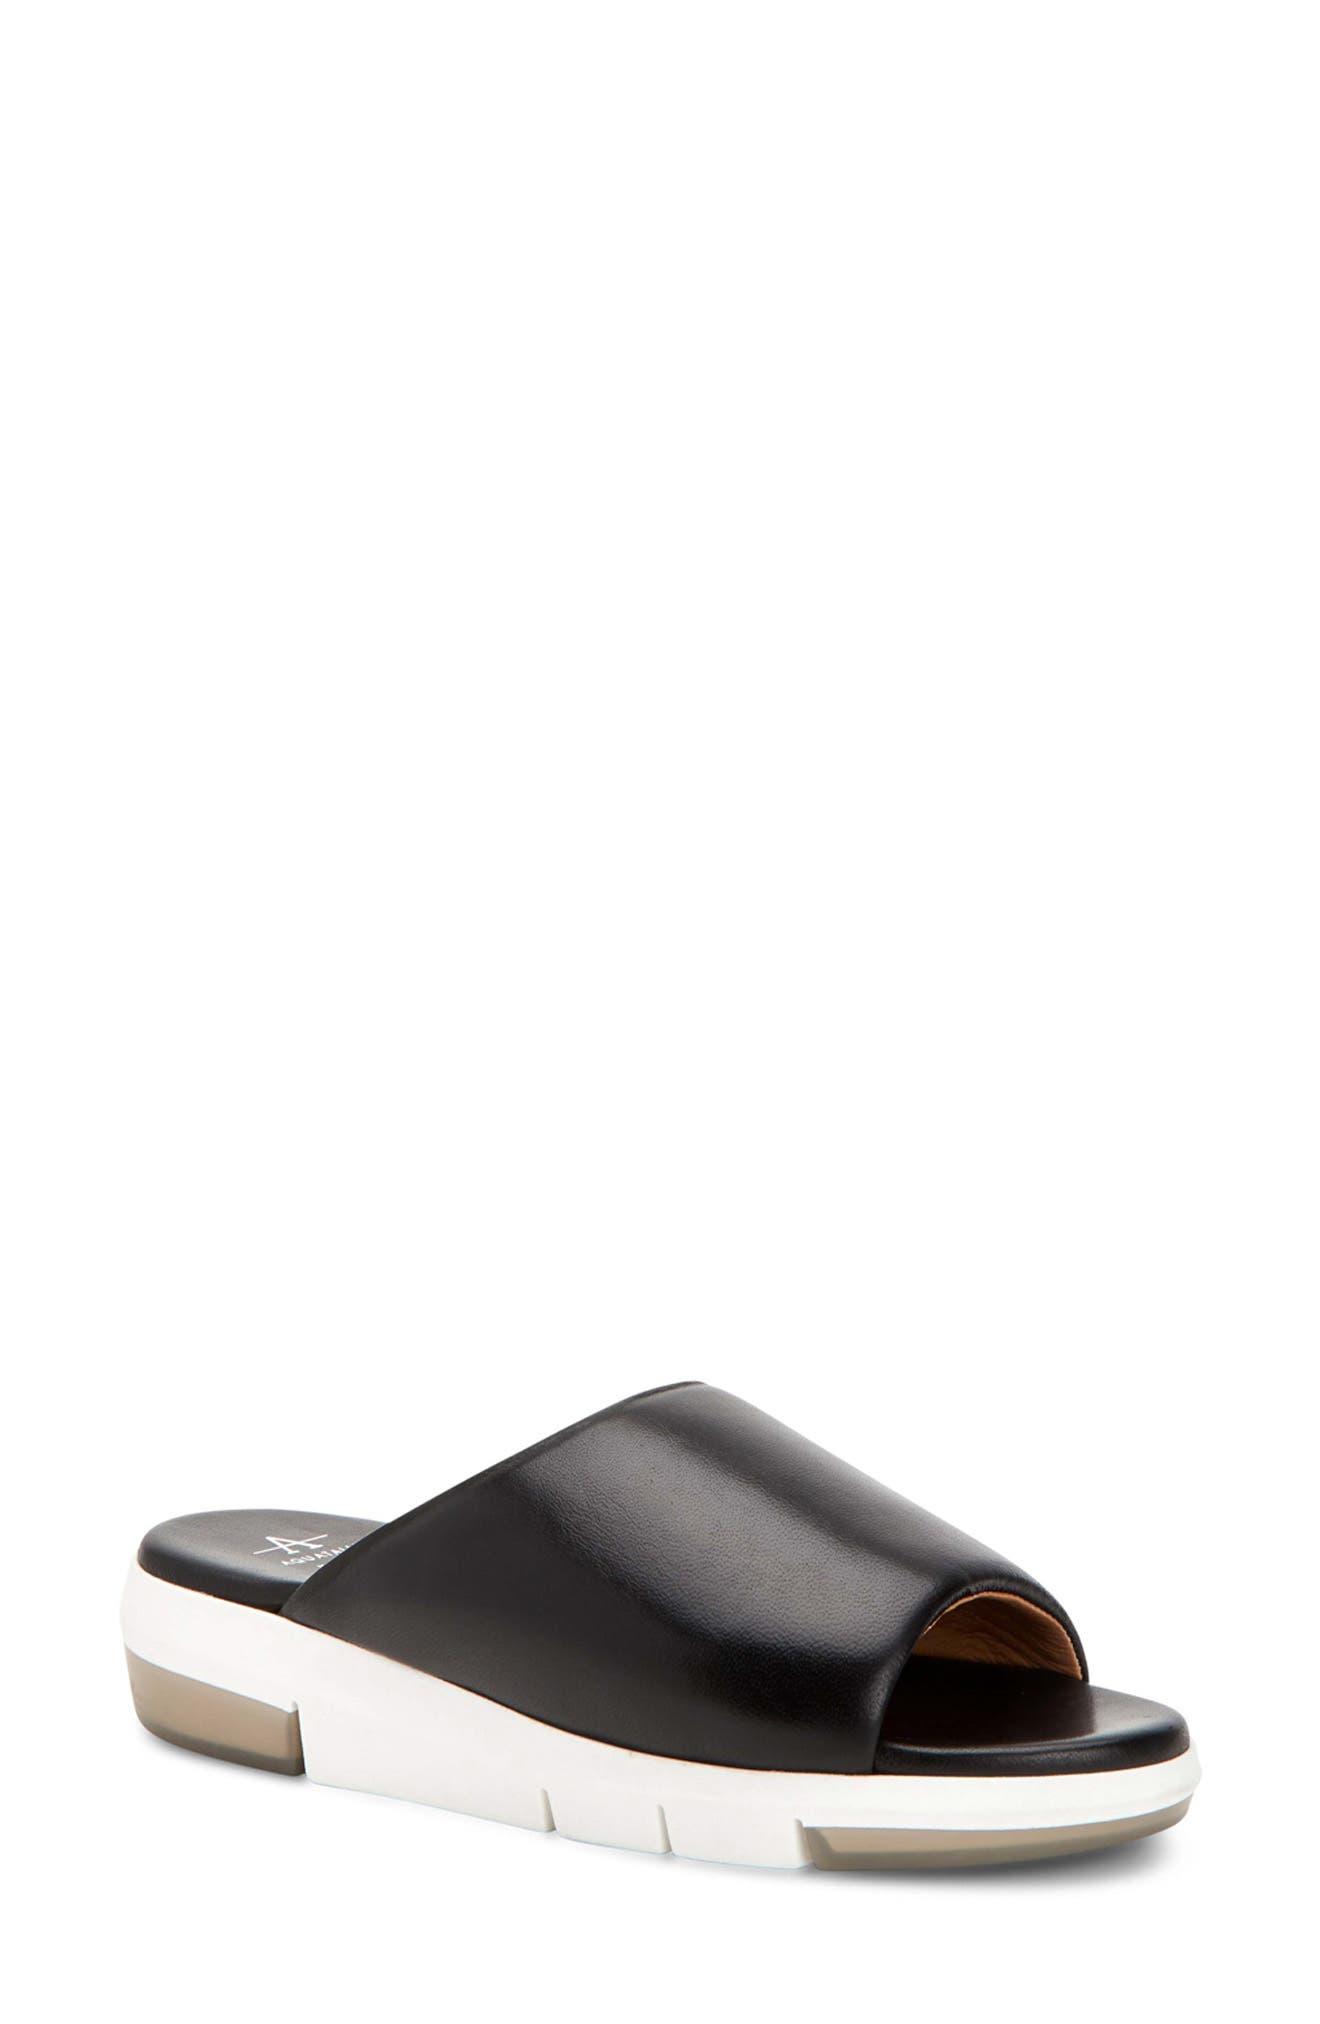 Sharla Water Resistant Platform Slide Sandal